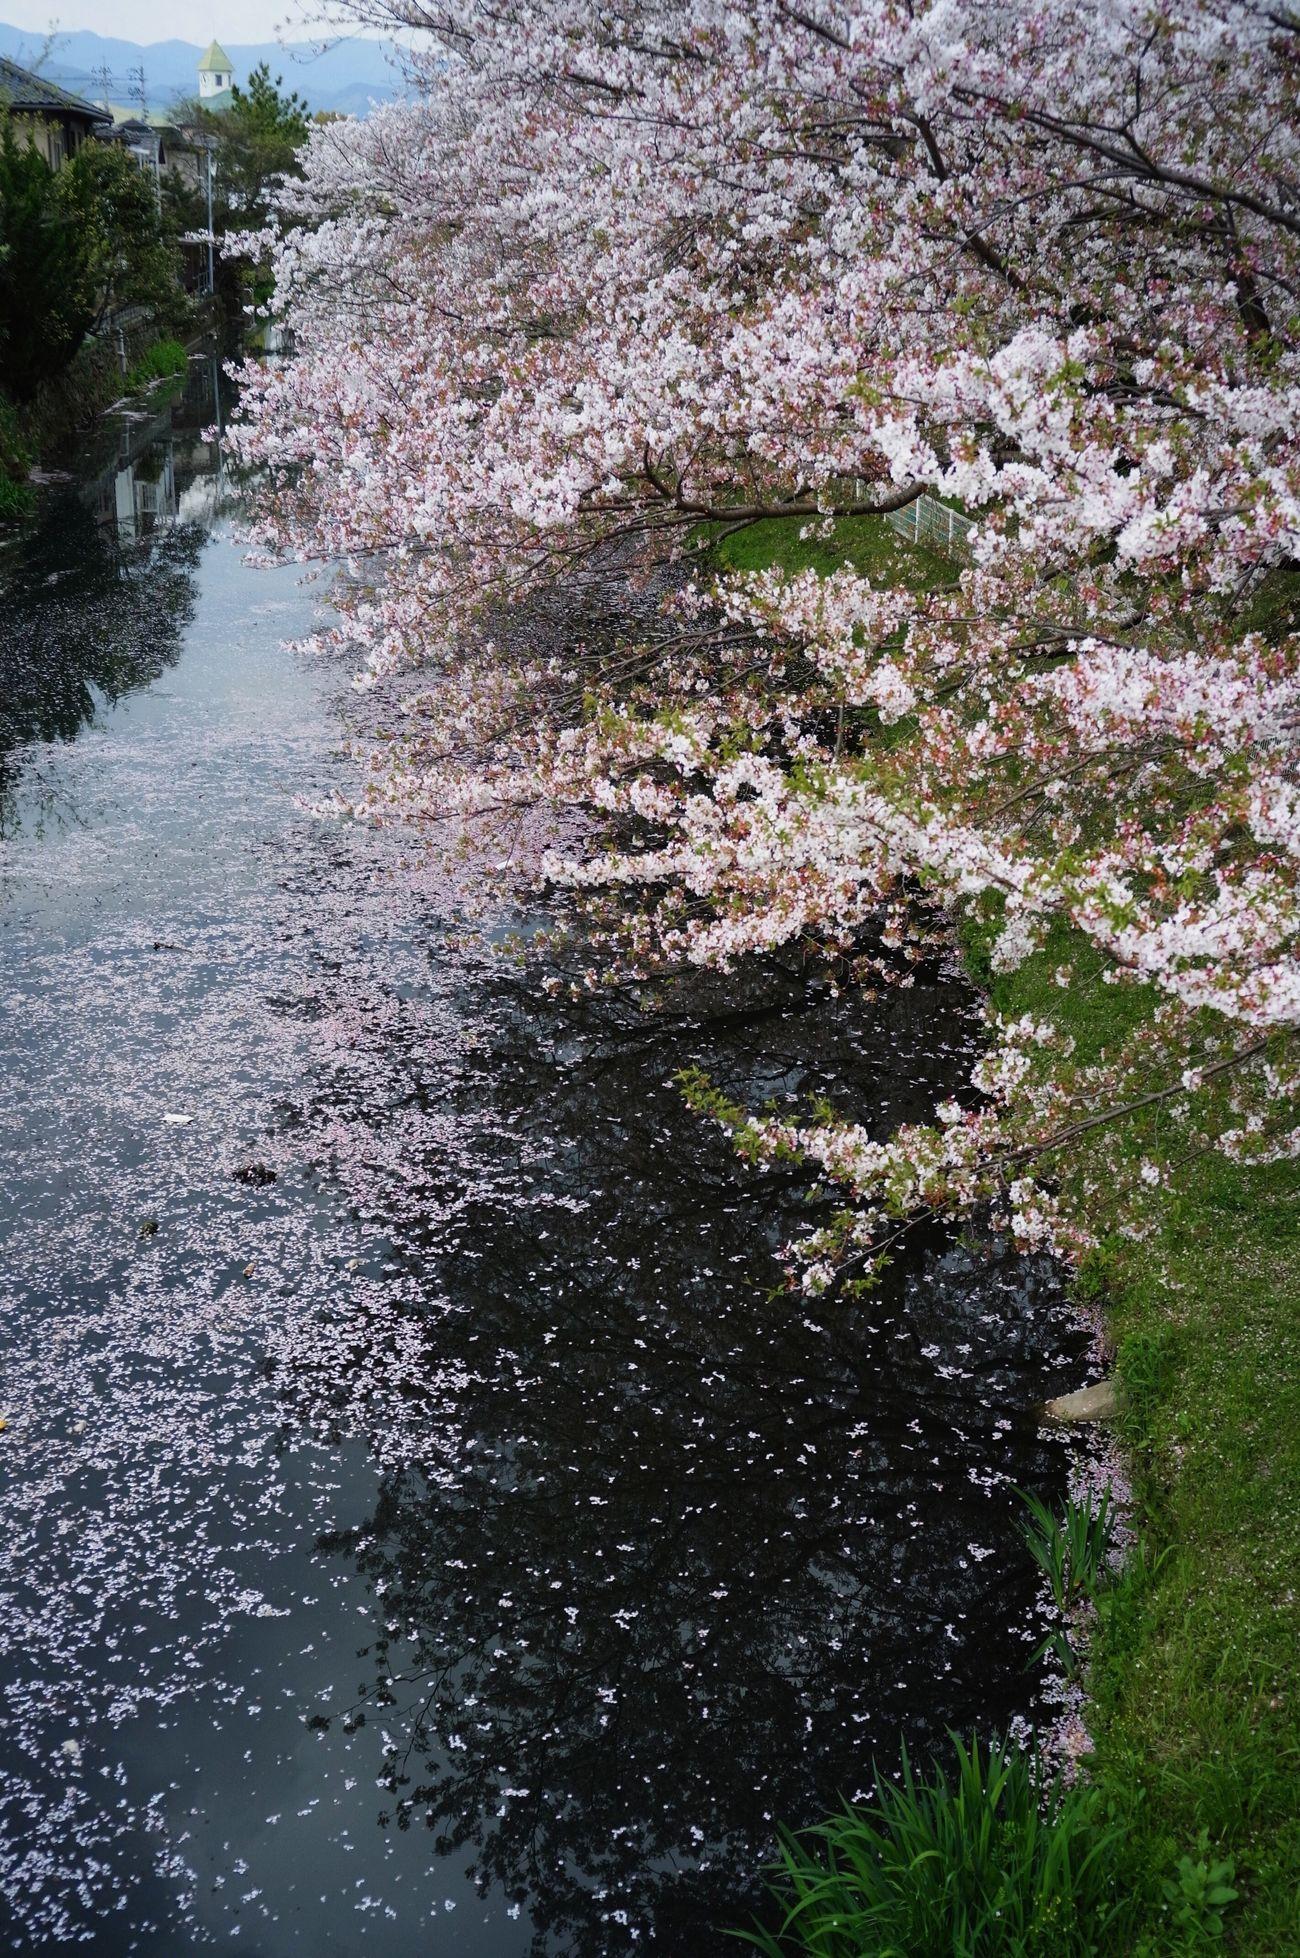 Sakura Springtime 徳島県 Color-skopar 25mm/f4 Japan